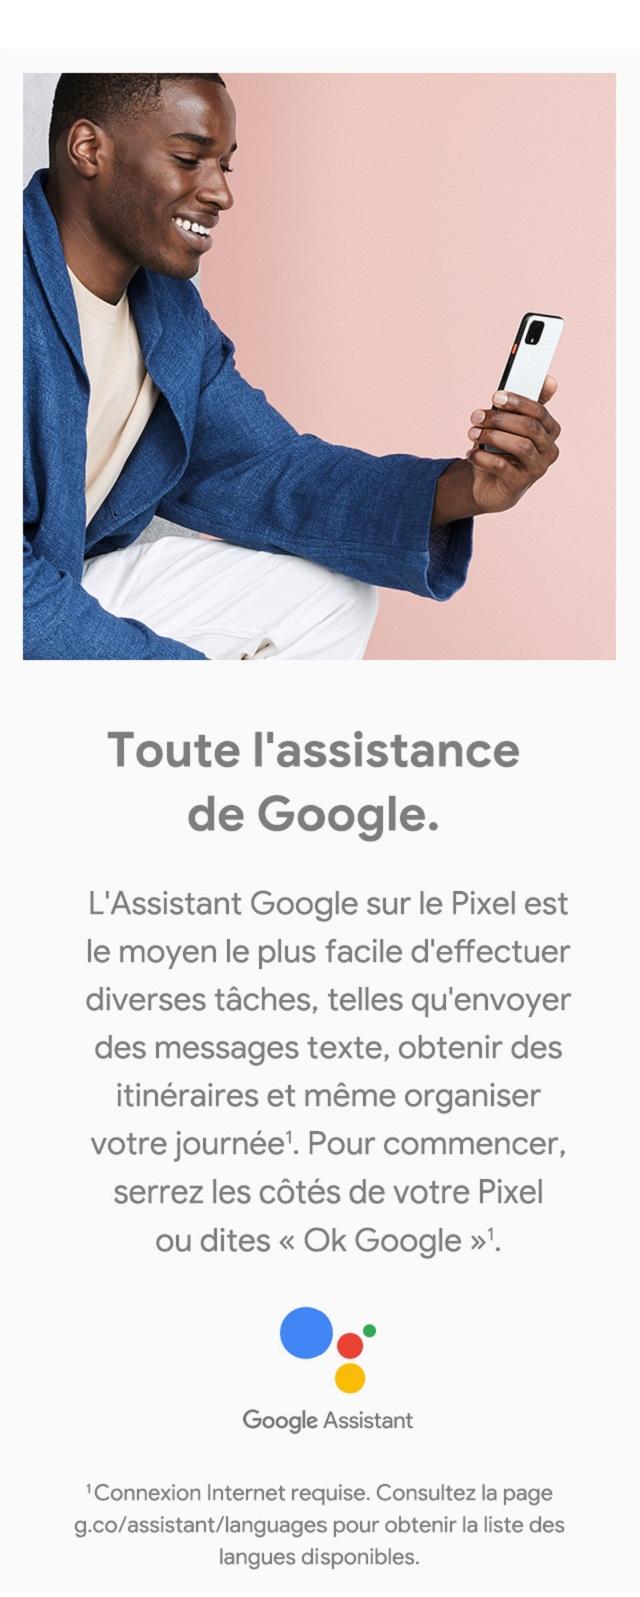 L'Assistant Google – Toute l'assistance de Google